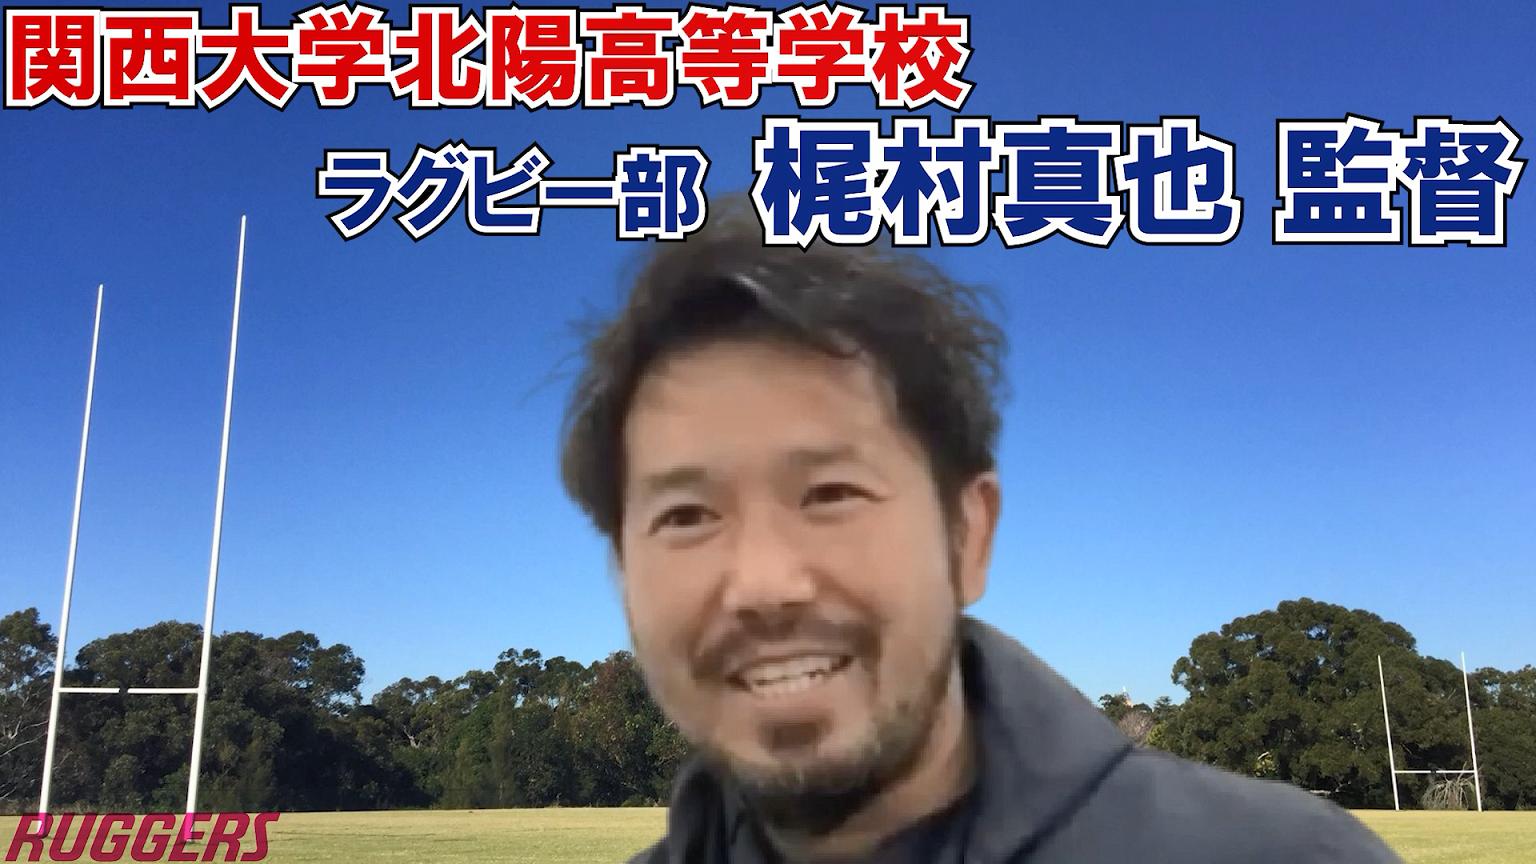 関大北陽高校ラグビー部・梶村監督インタビュー